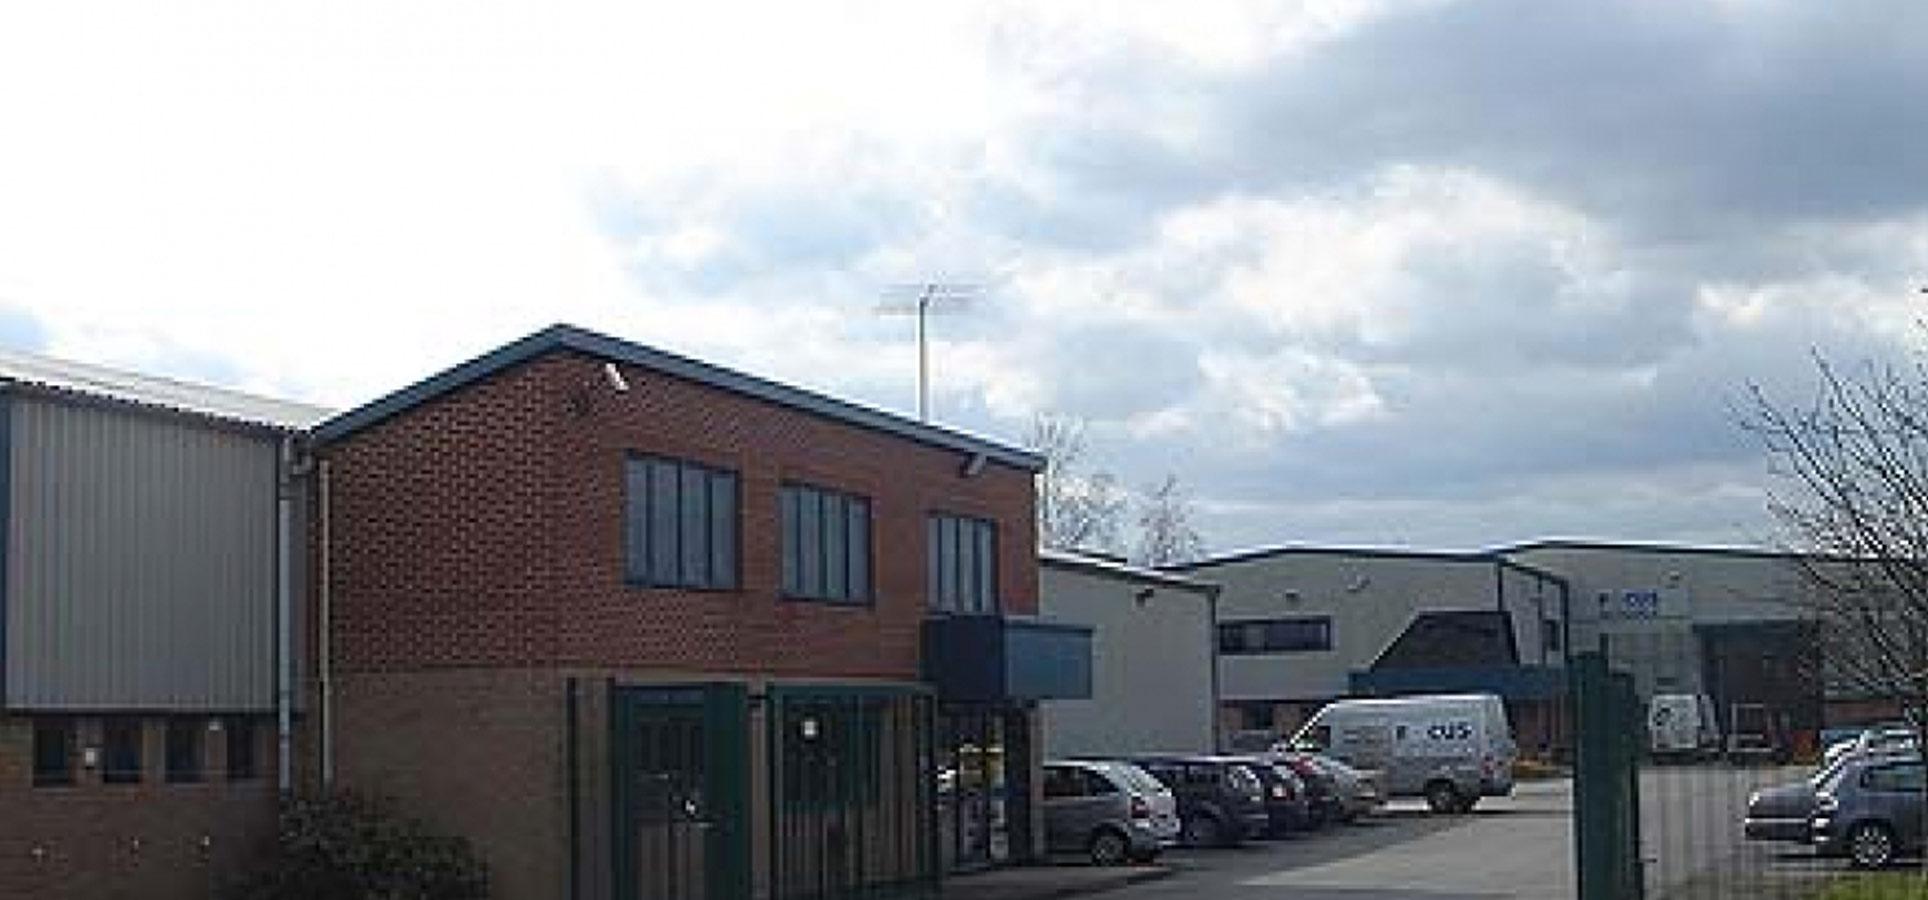 OFFICES & FACTORY, Jessops Construction Ltd